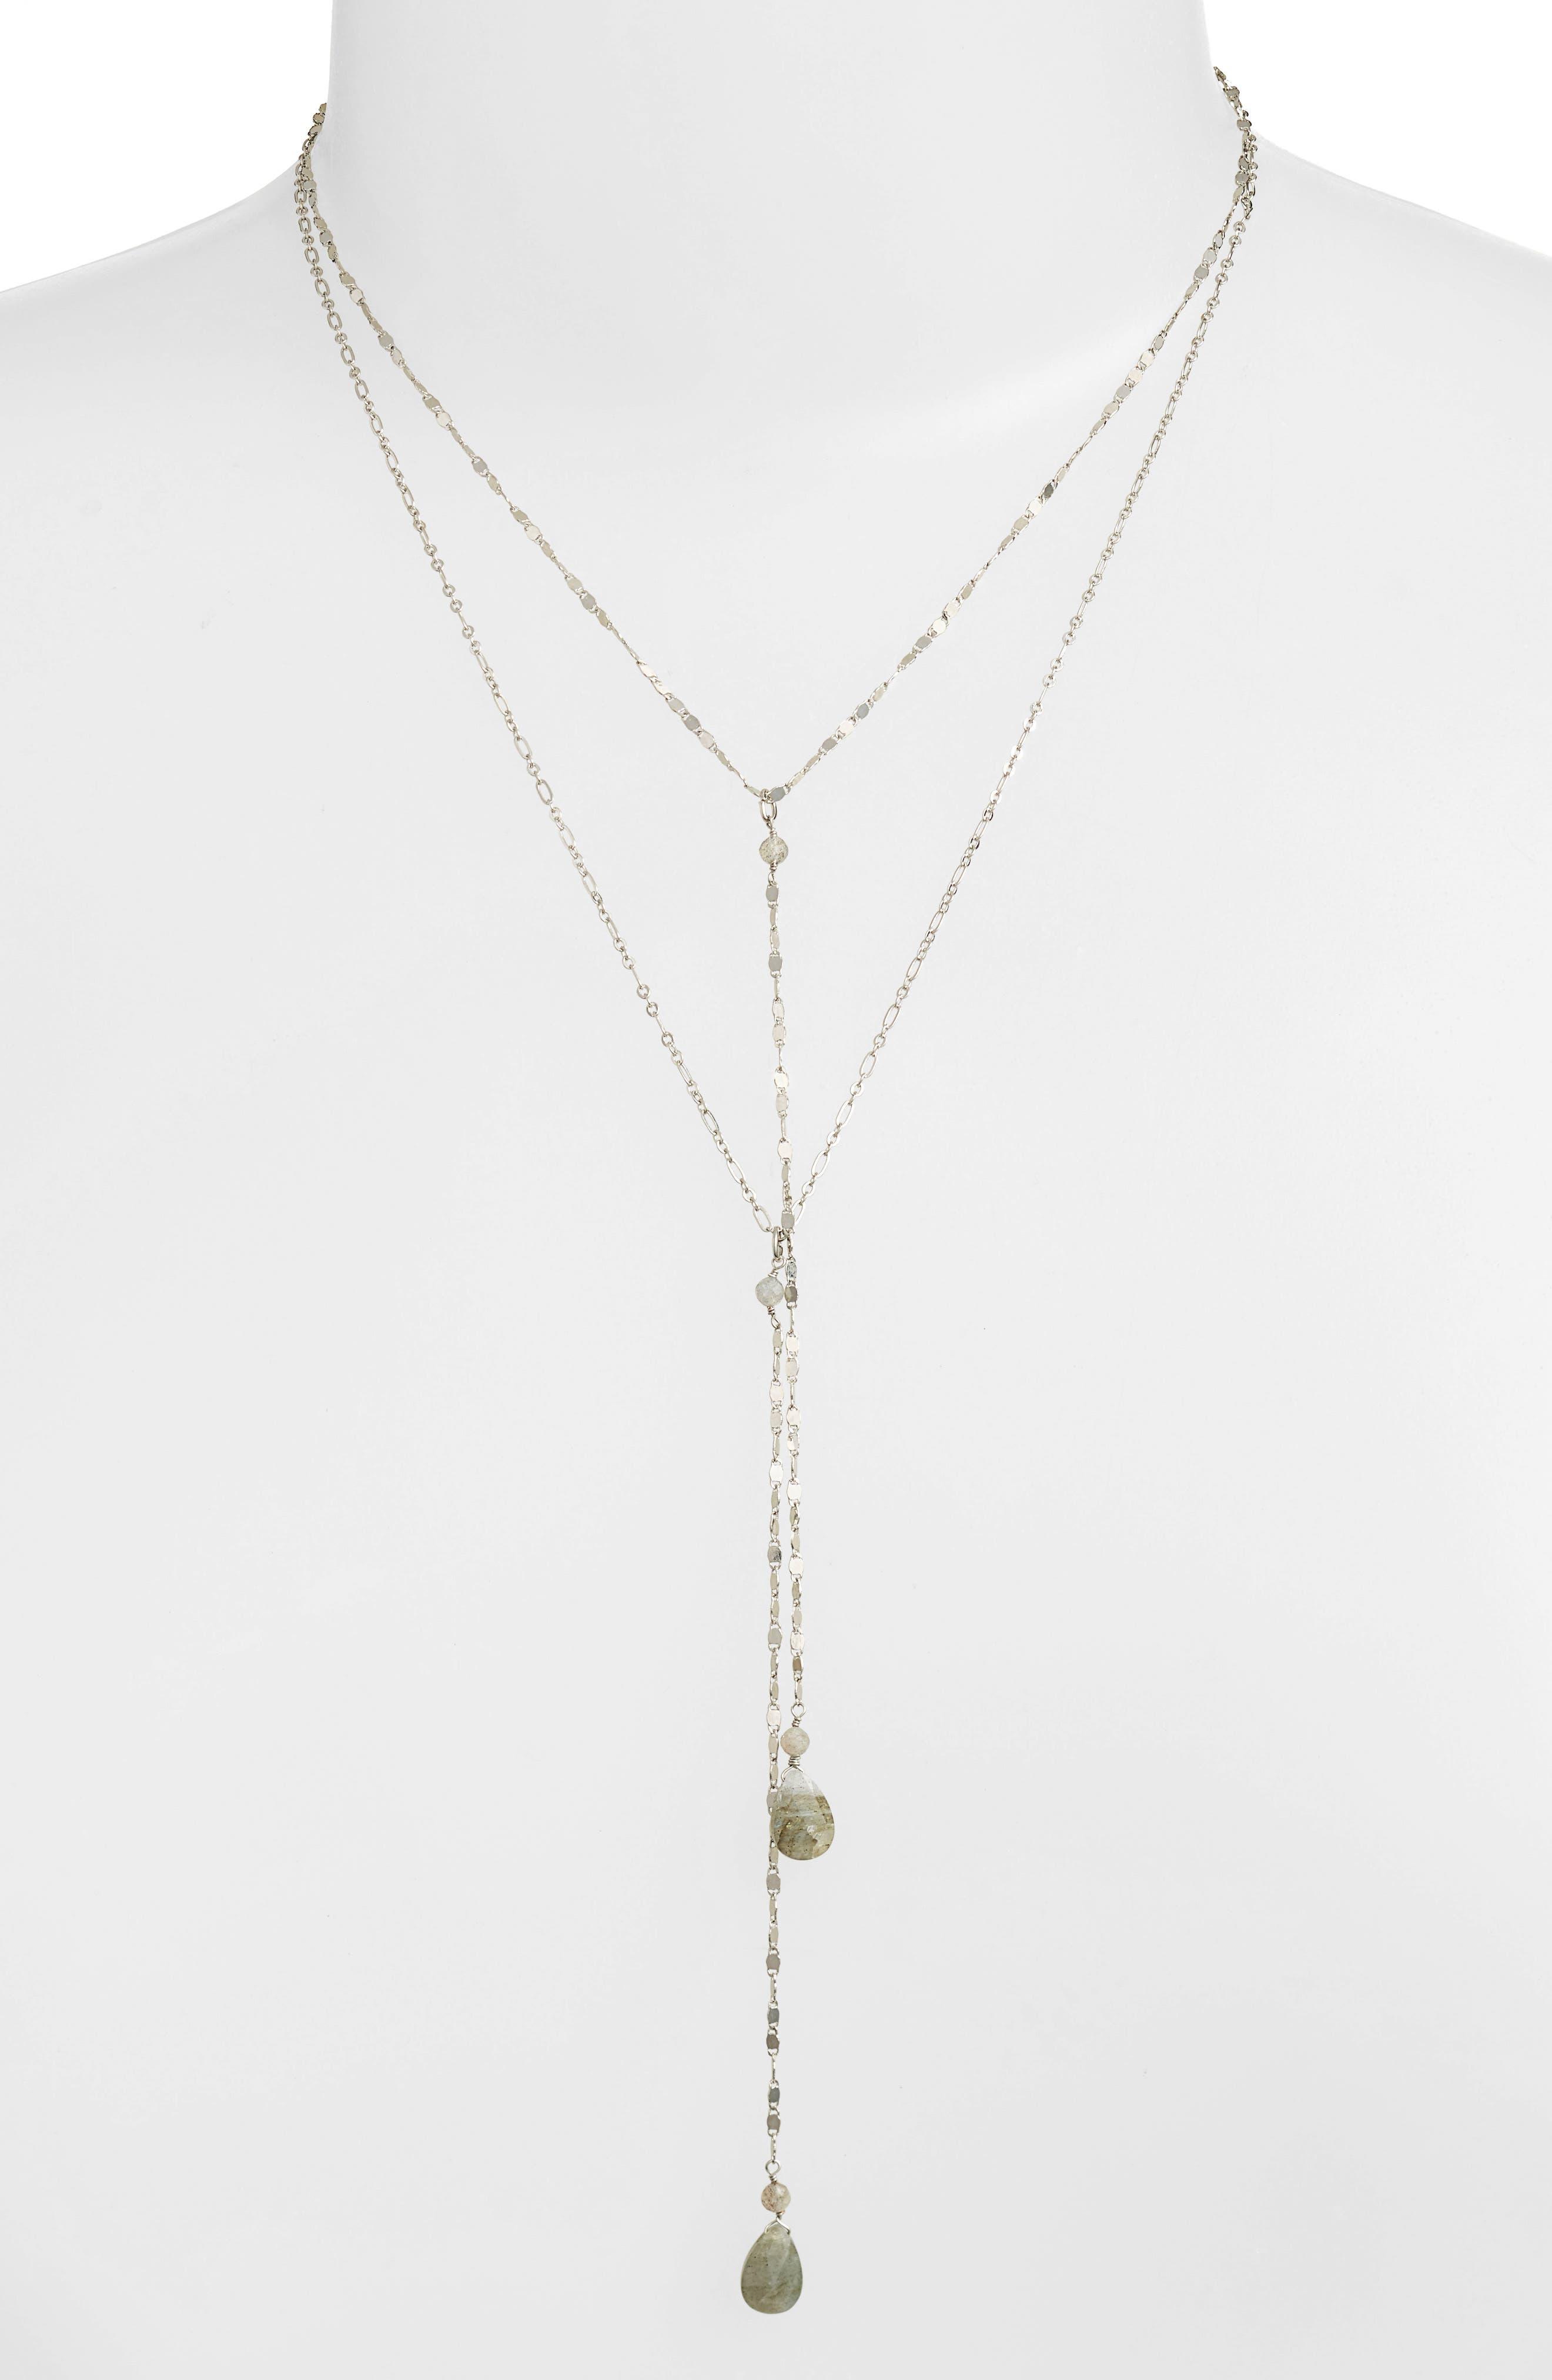 Labradorite Y-Necklace,                             Alternate thumbnail 2, color,                             Silver/ Labradorite